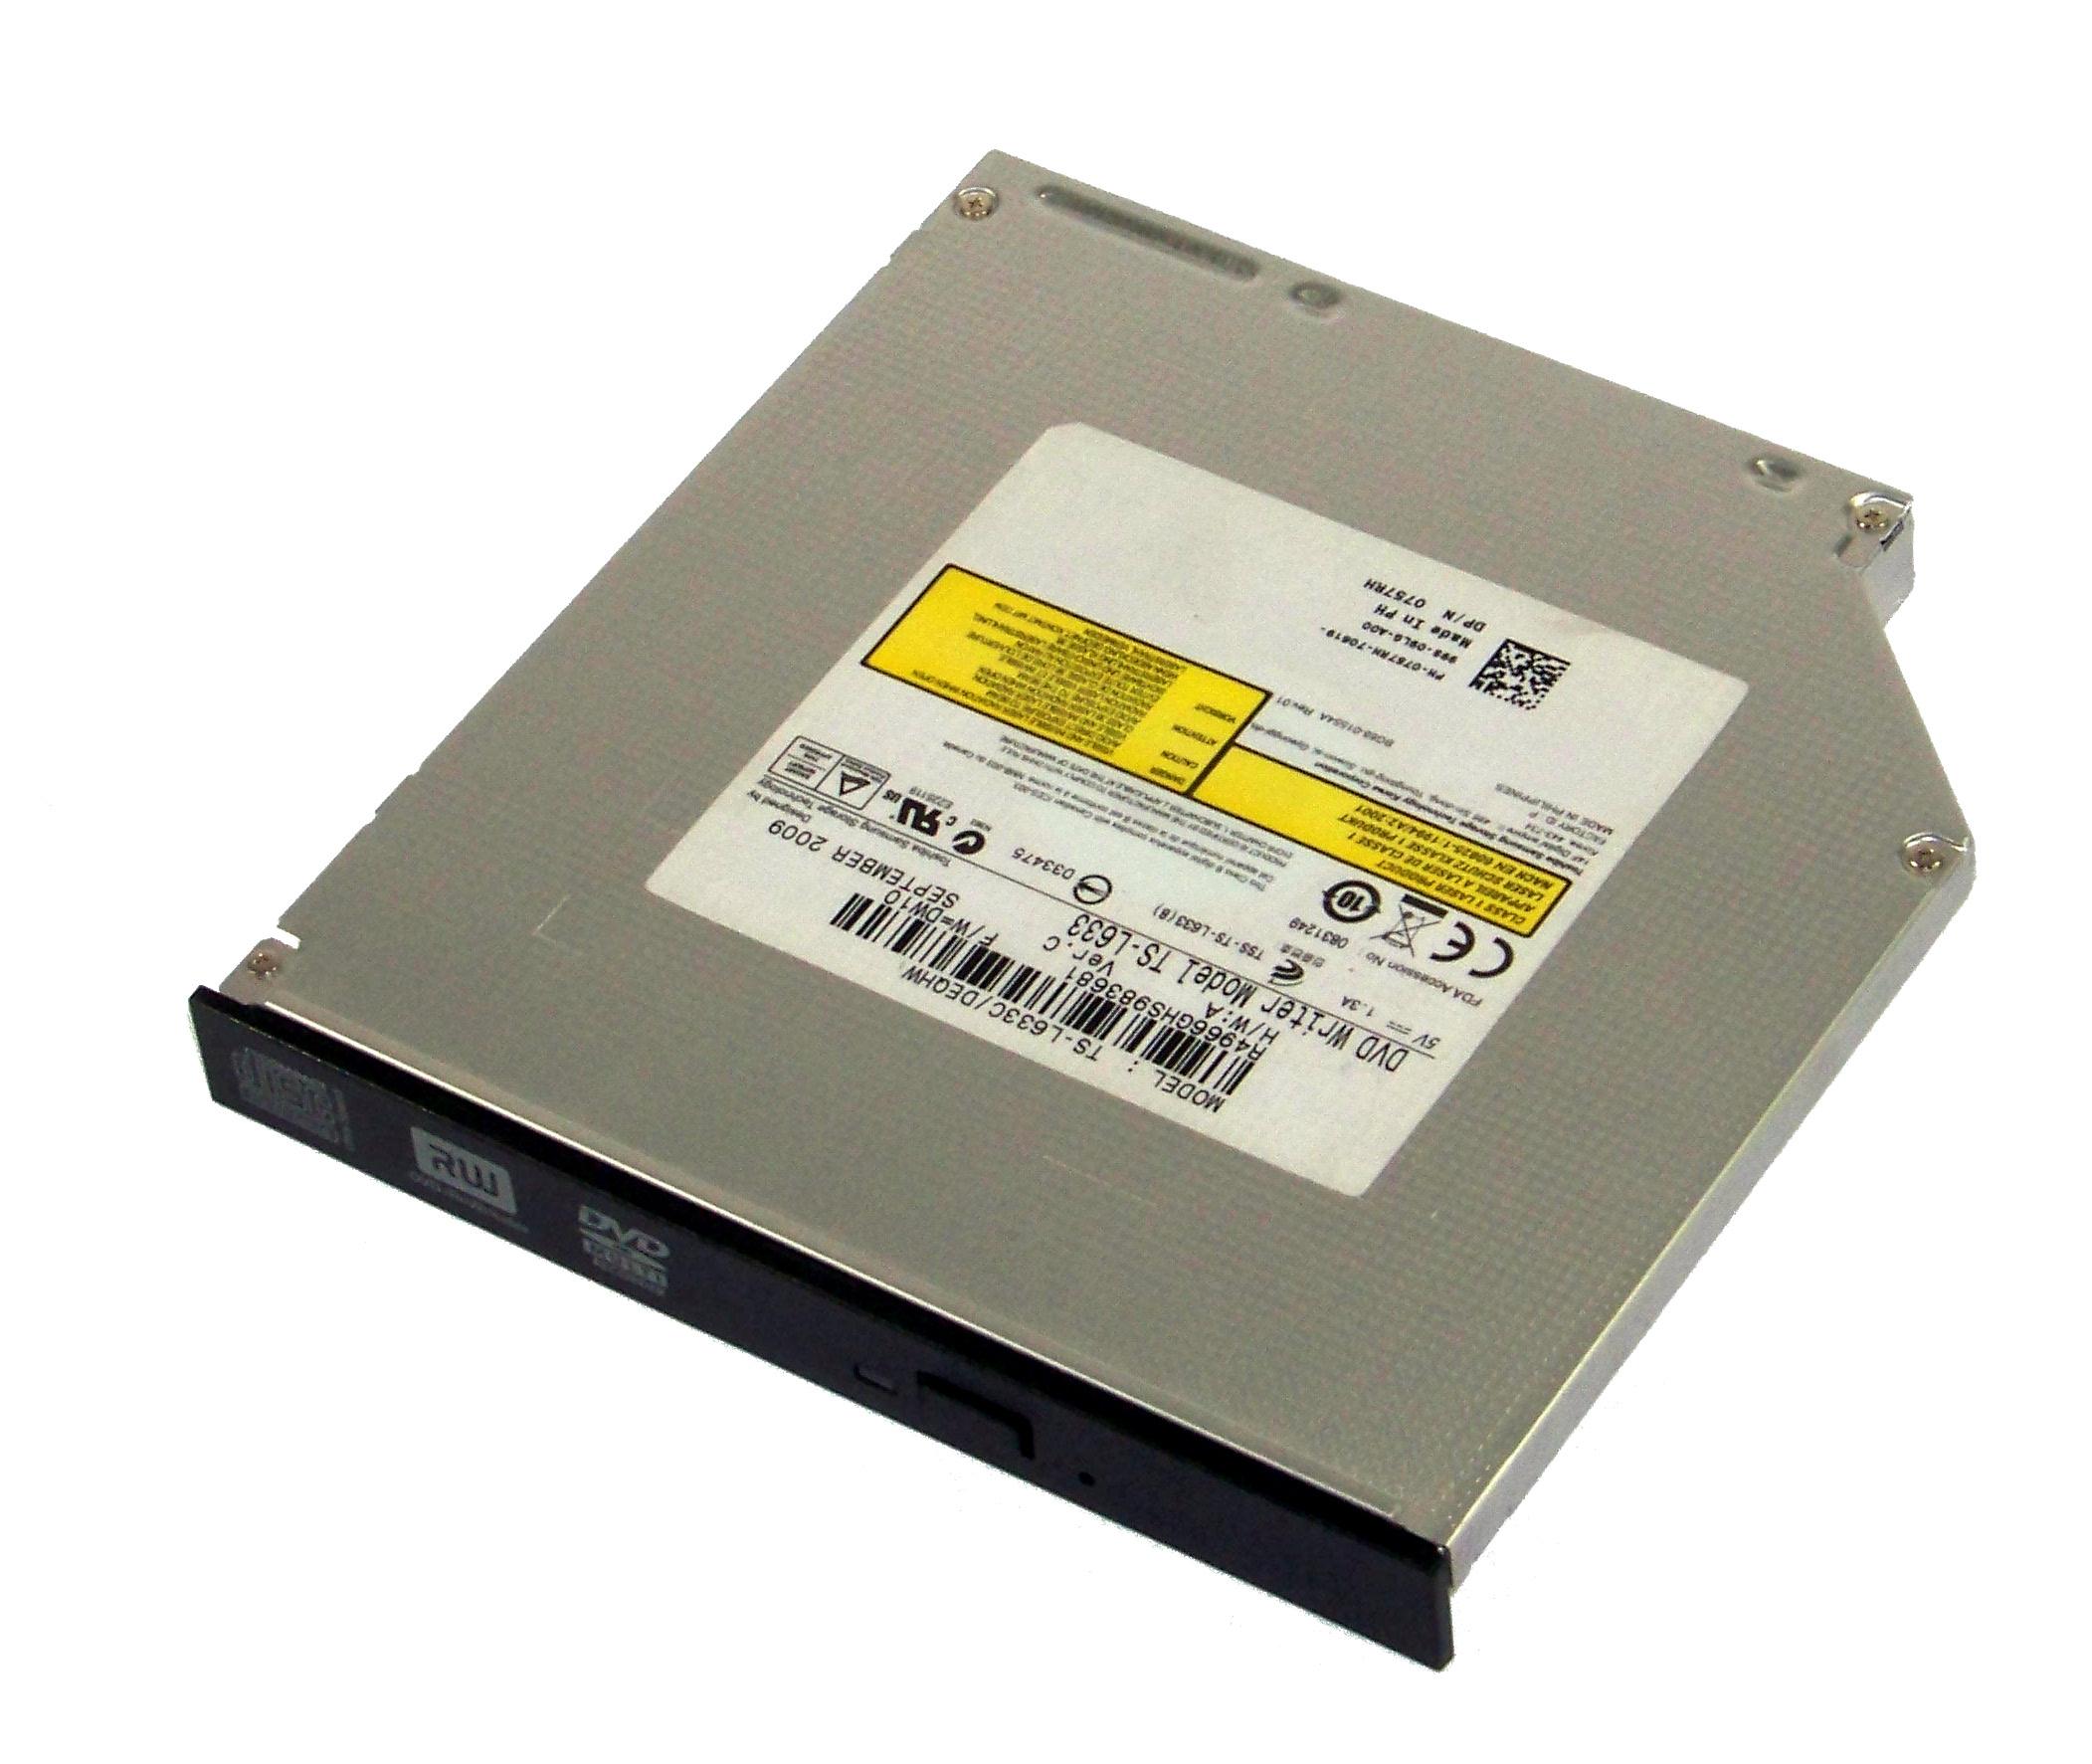 757RH Dell 8x SATA Int. DVD+/-RW Drive Slimline Black